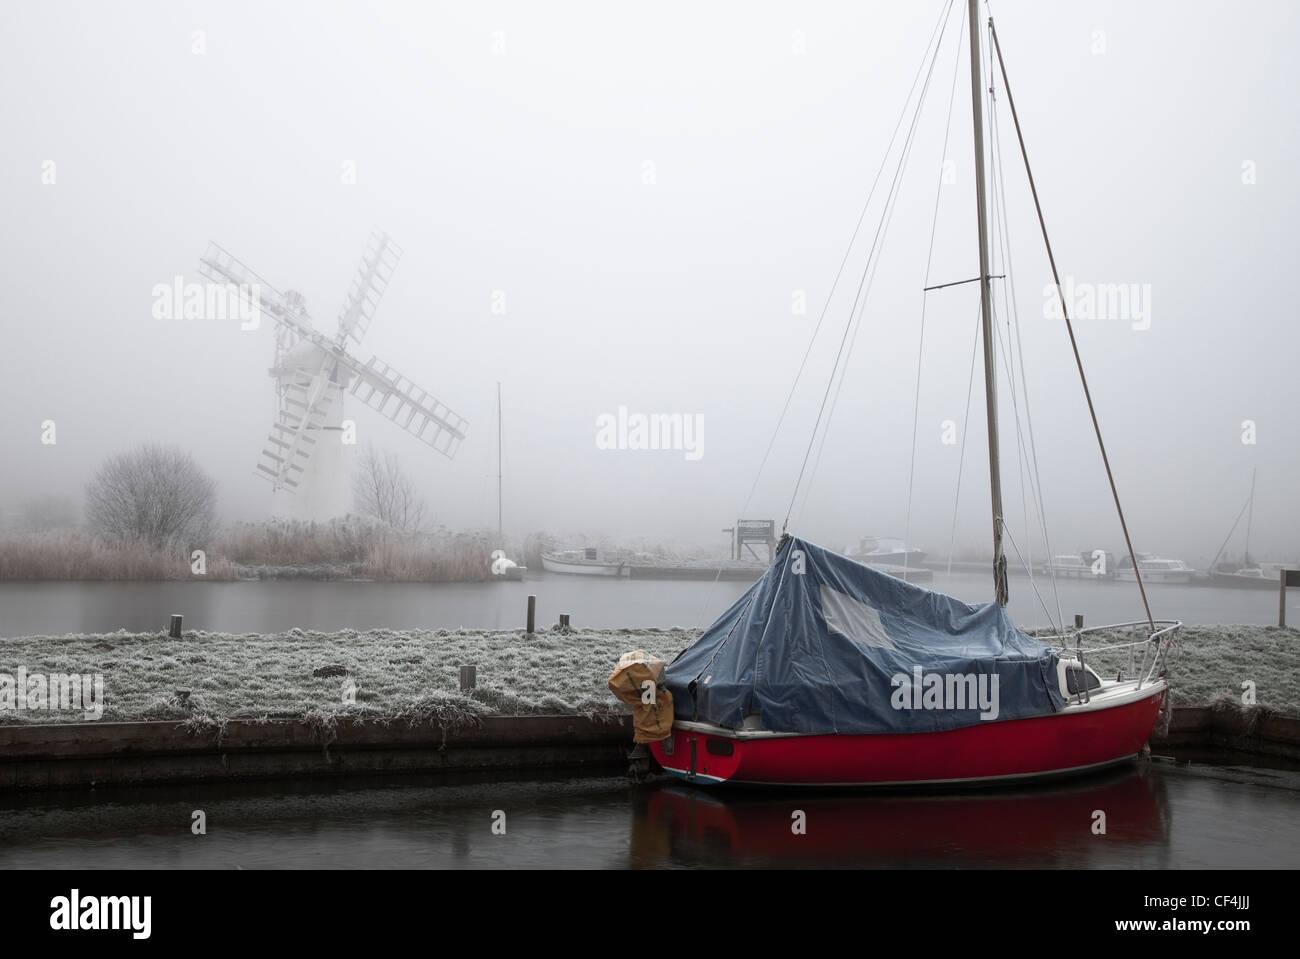 Thurne Moulin se dresse dans la brume tandis qu'un voile rouge est amarré dans l'avant-plan, à Norfolk. Banque D'Images